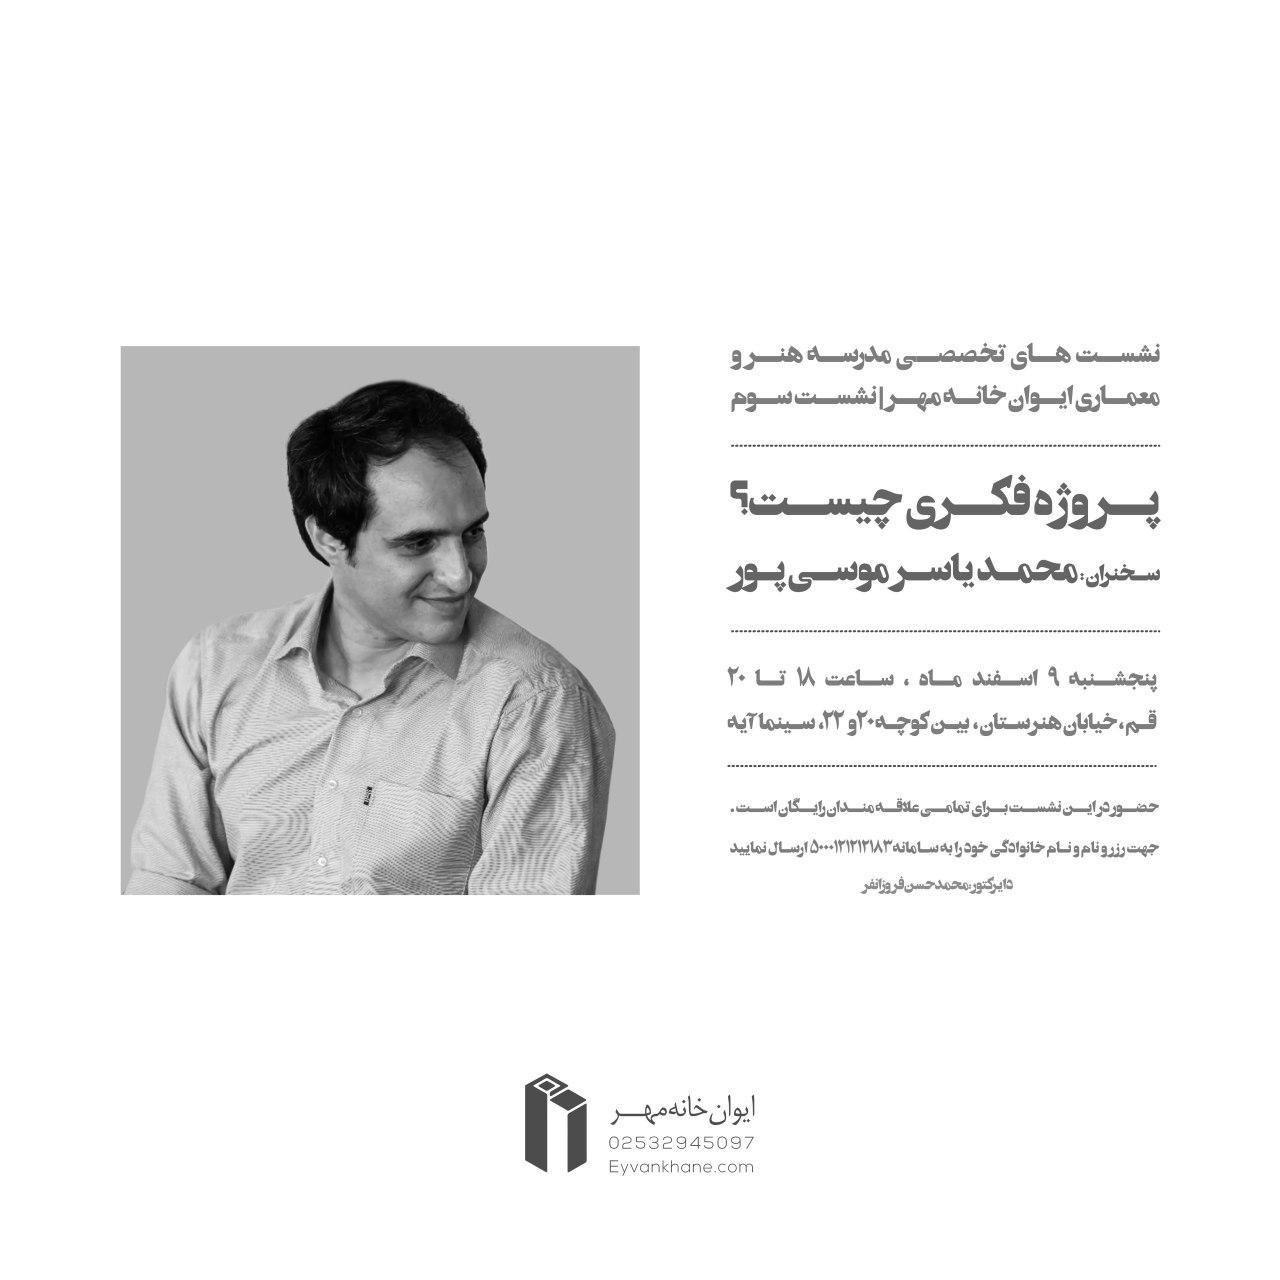 سومین نشست از نشست هاى تخصصى ایوان خانه مهر برگزار می شود